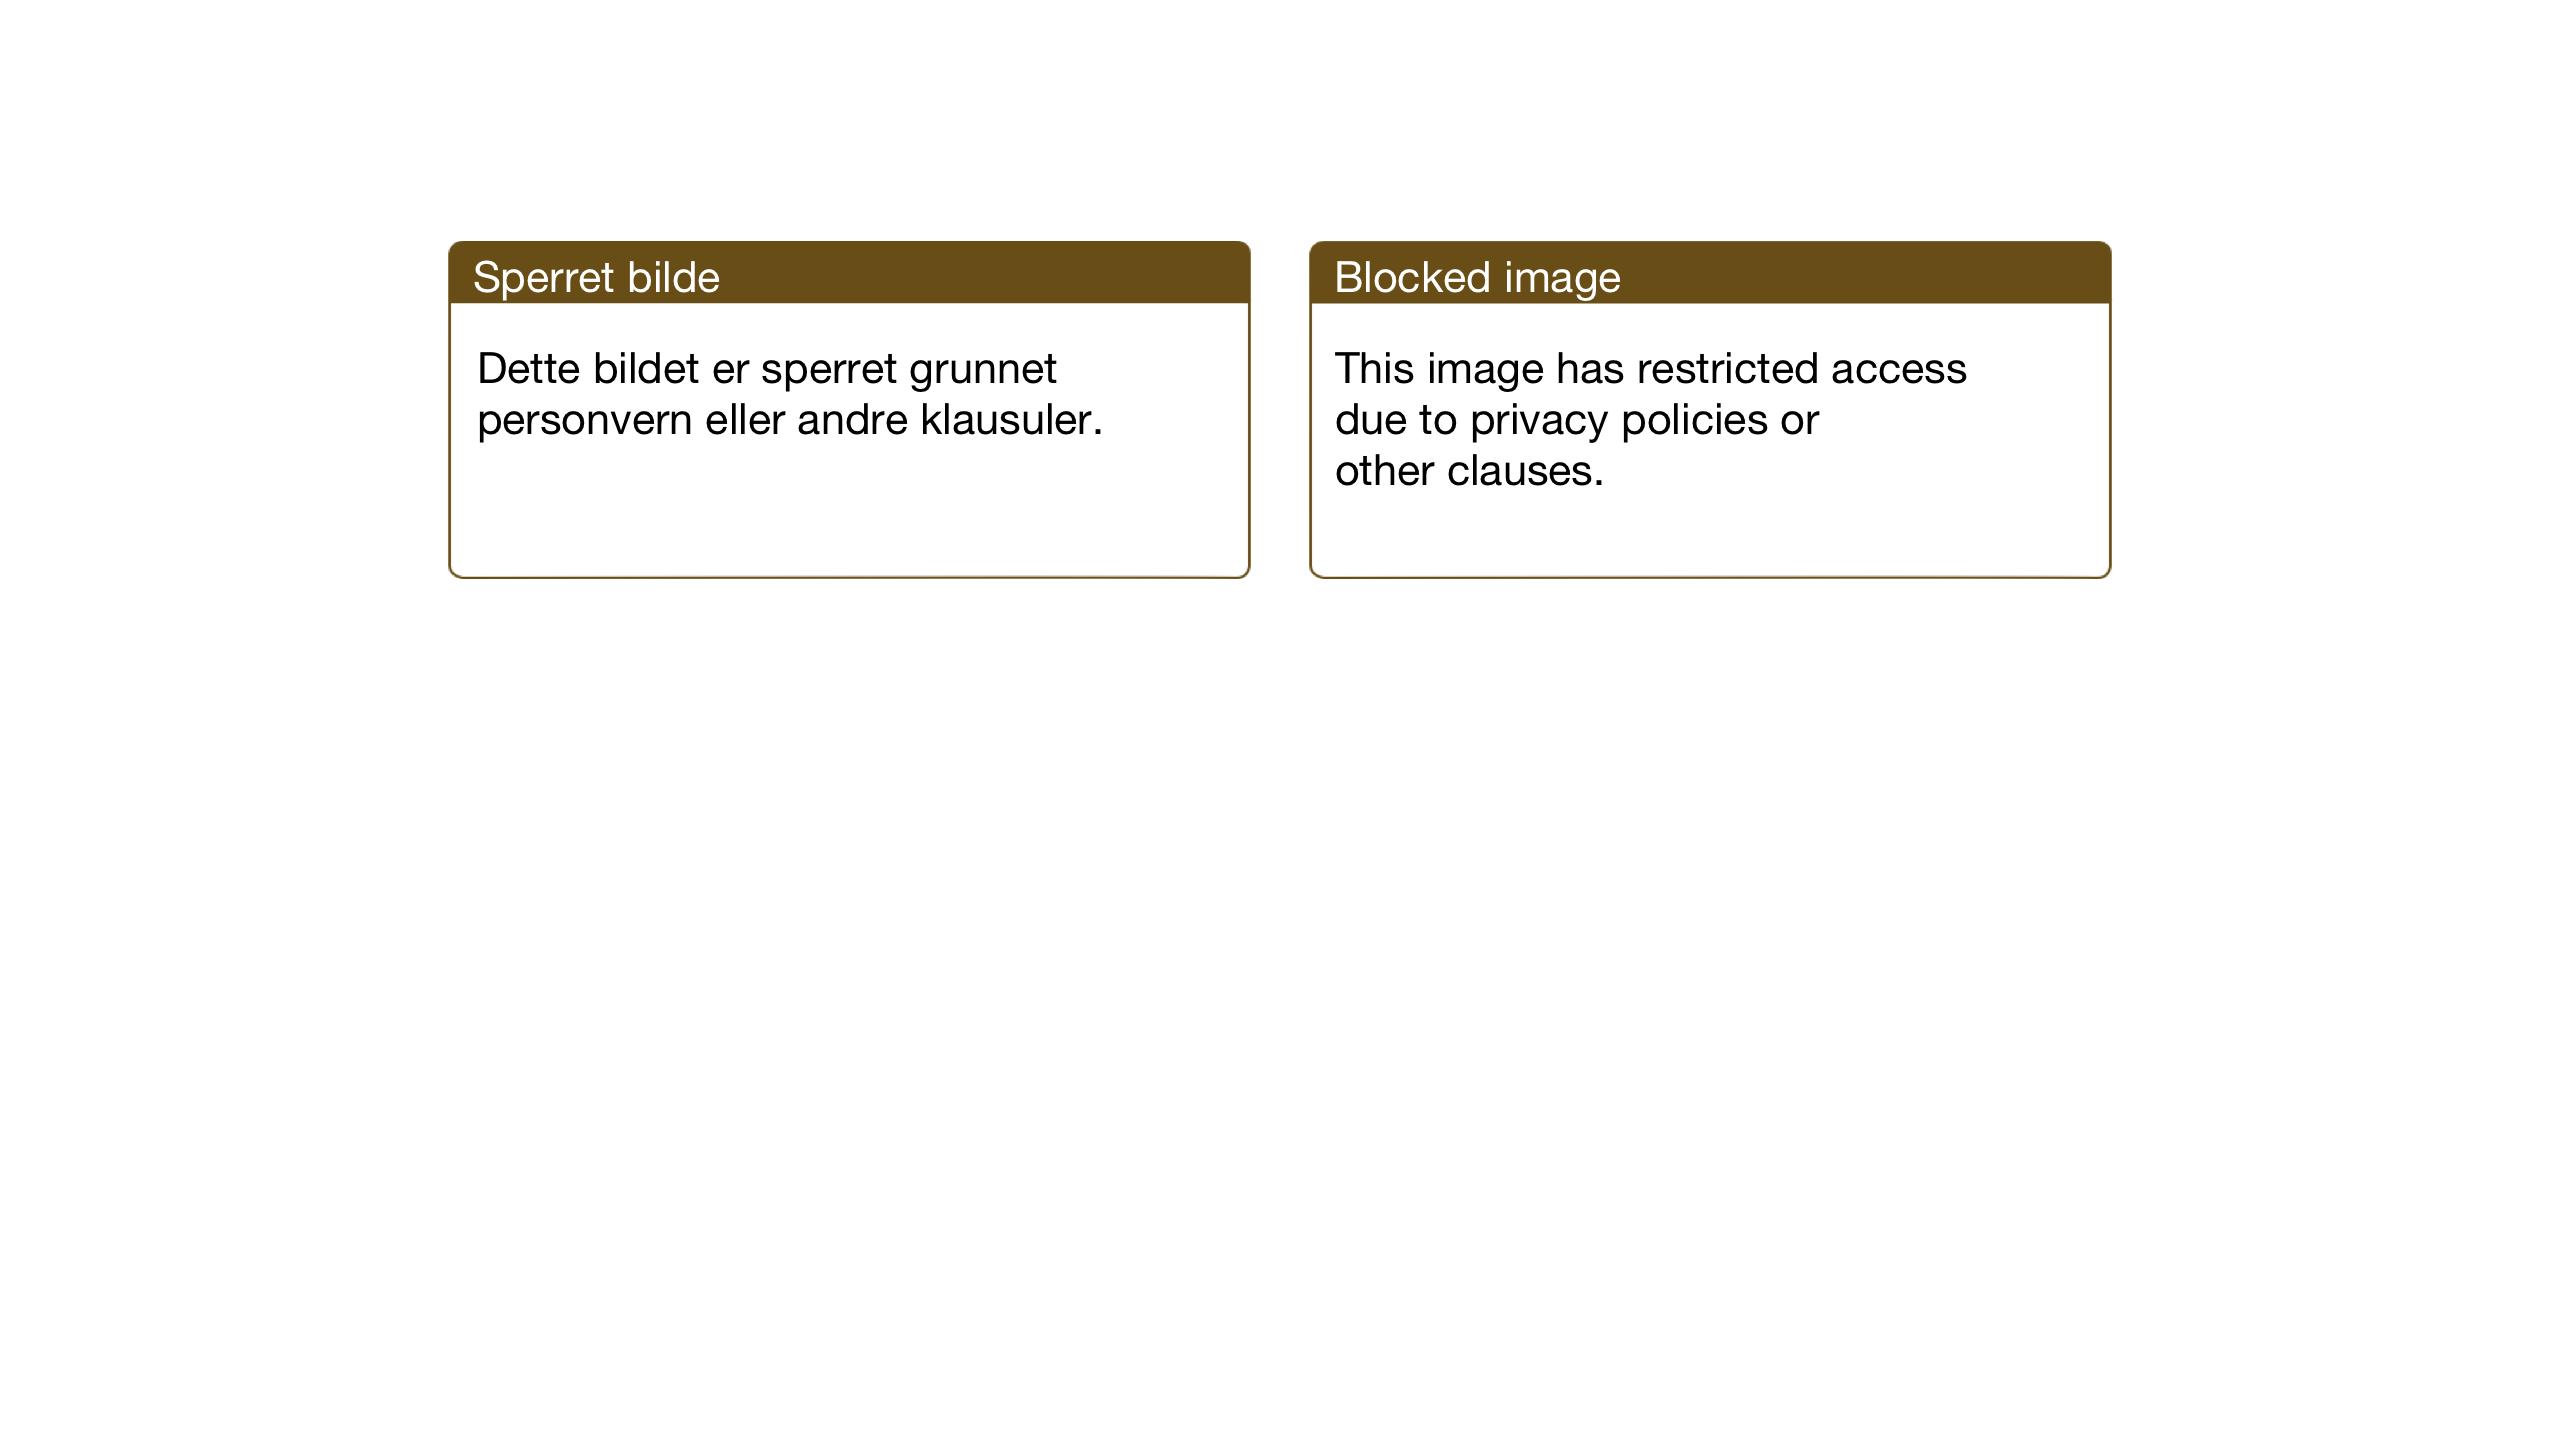 SAT, Ministerialprotokoller, klokkerbøker og fødselsregistre - Nord-Trøndelag, 733/L0328: Klokkerbok nr. 733C03, 1919-1966, s. 50